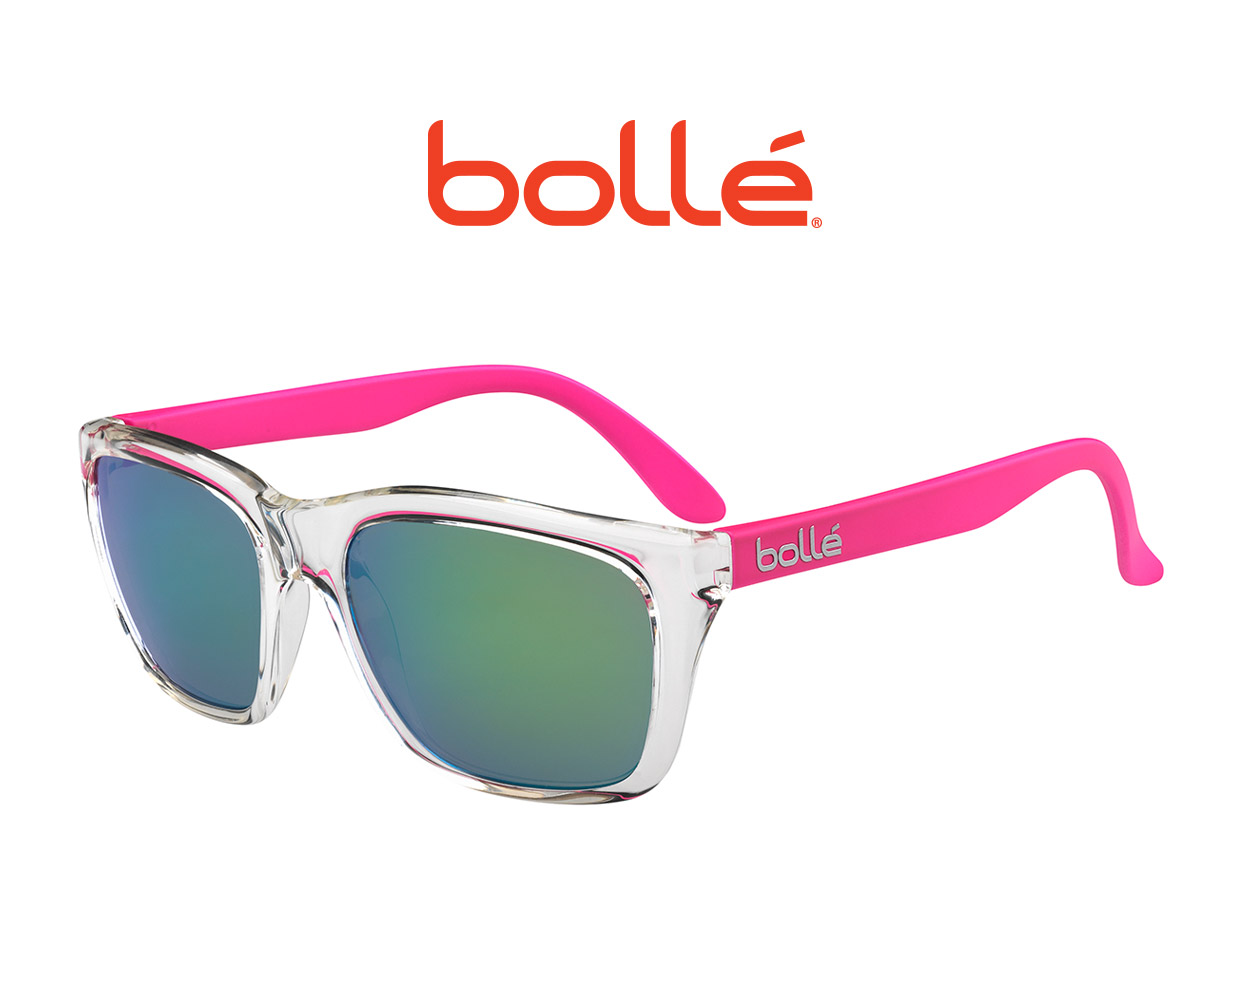 Bollé retro aurinkolasi 527